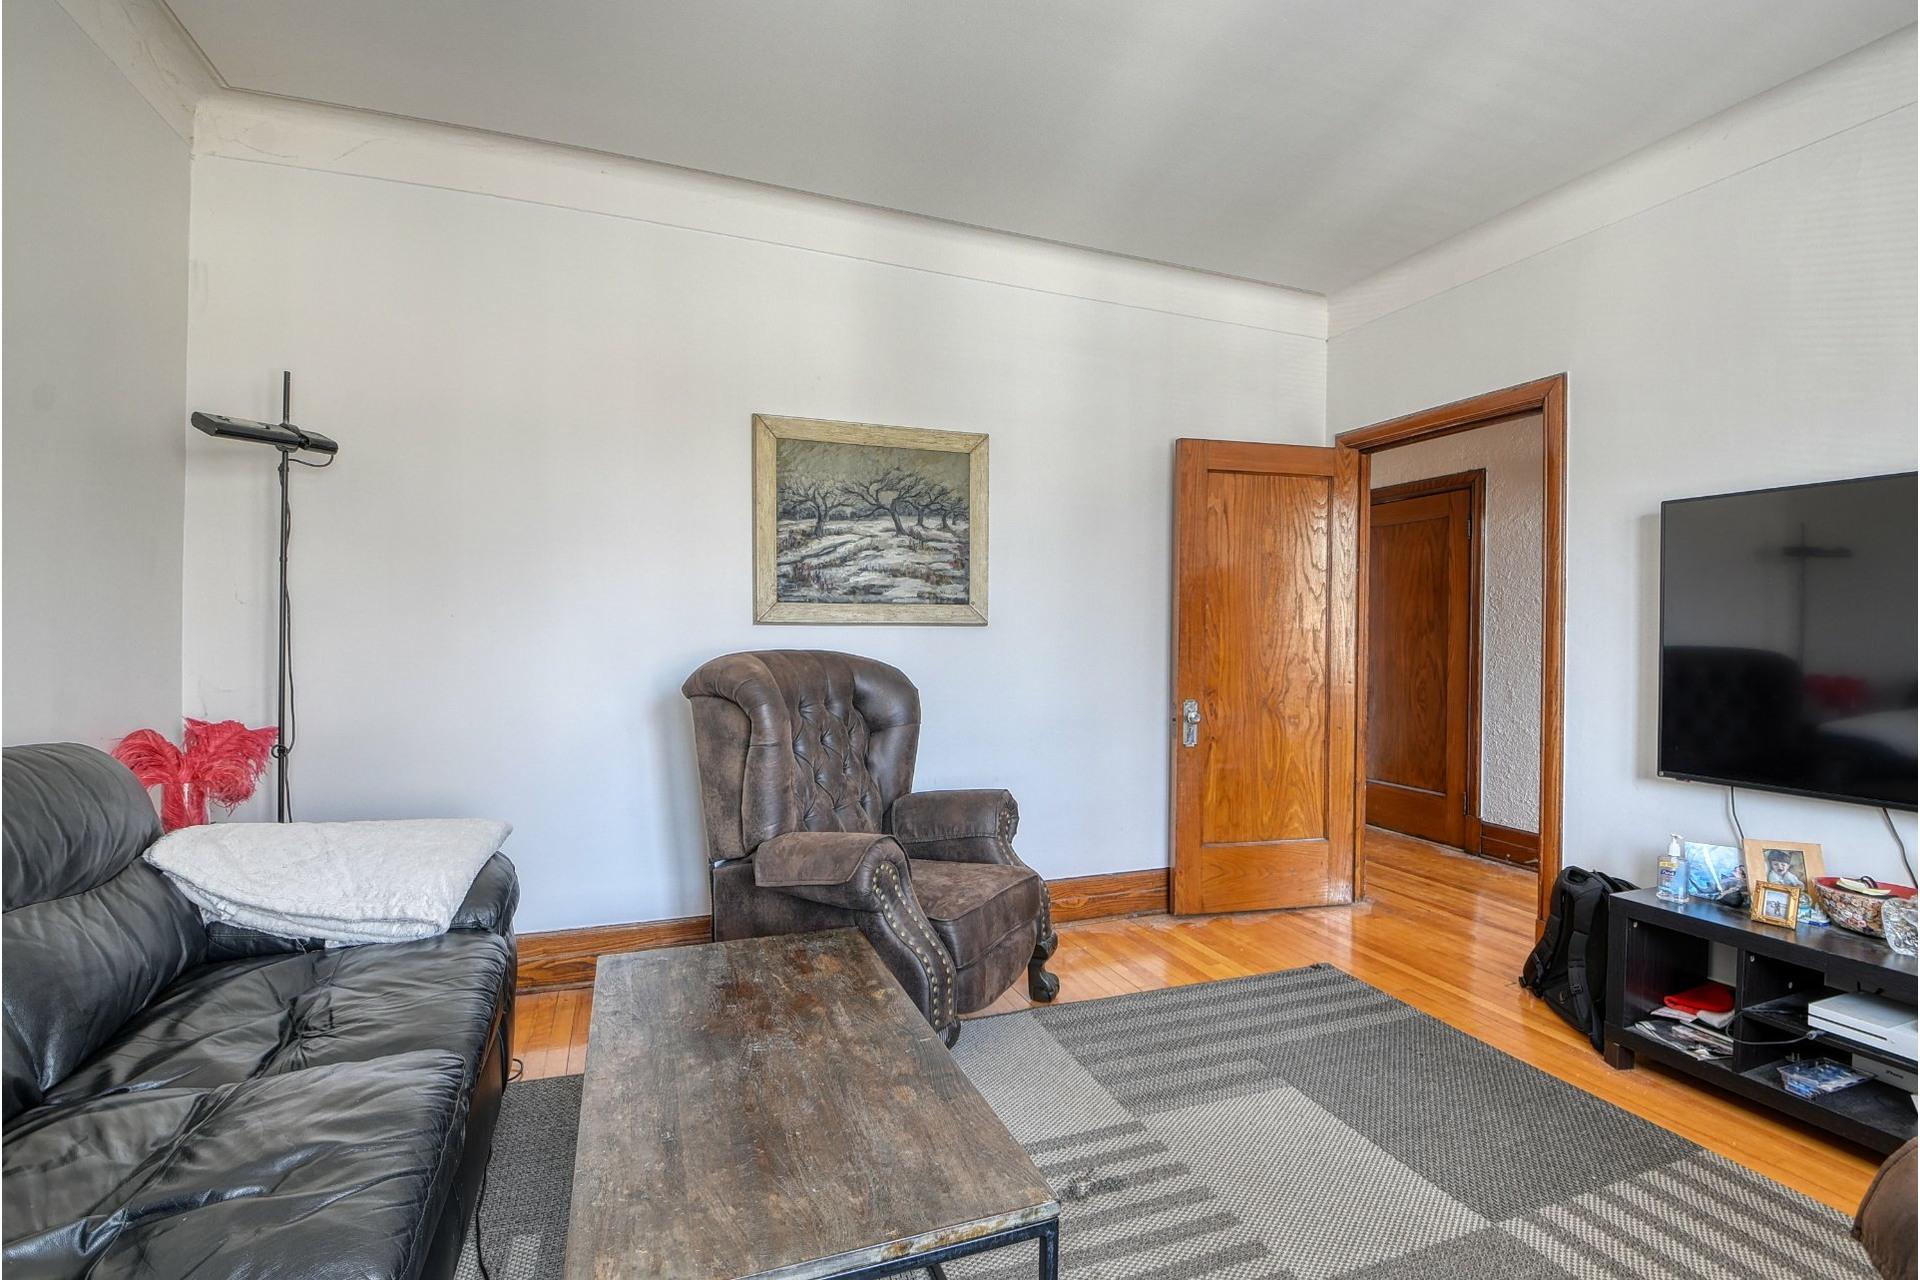 image 3 - Apartment For rent Côte-des-Neiges/Notre-Dame-de-Grâce Montréal  - 6 rooms